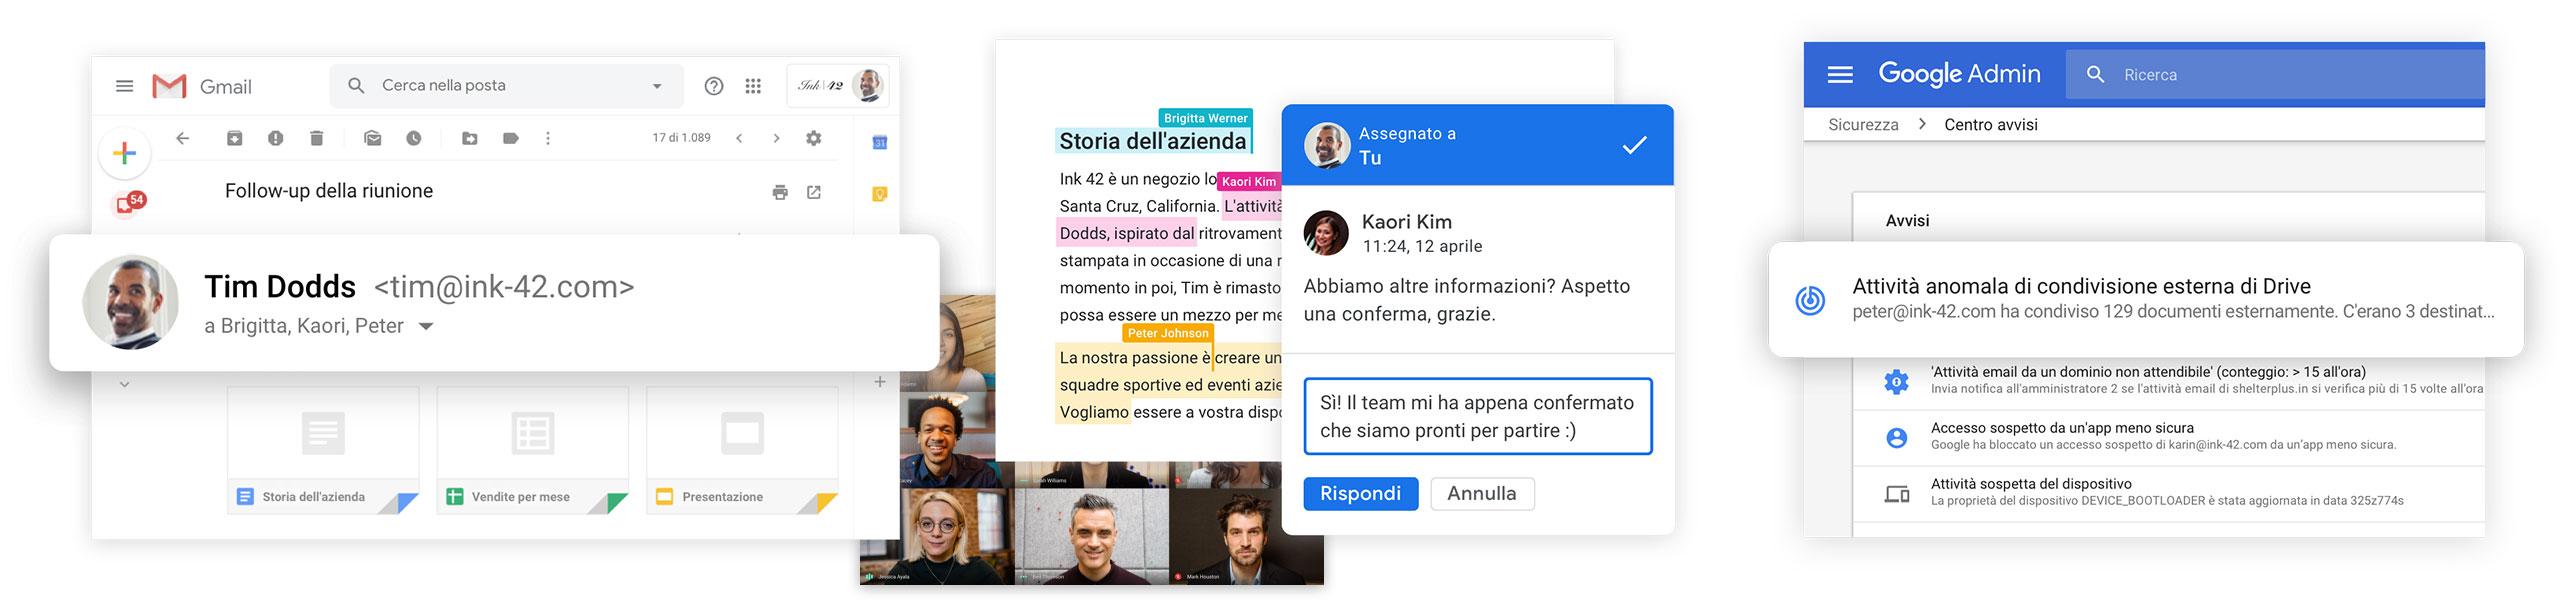 G Suite: strumenti di collaborazione aziendale in modalità cloud